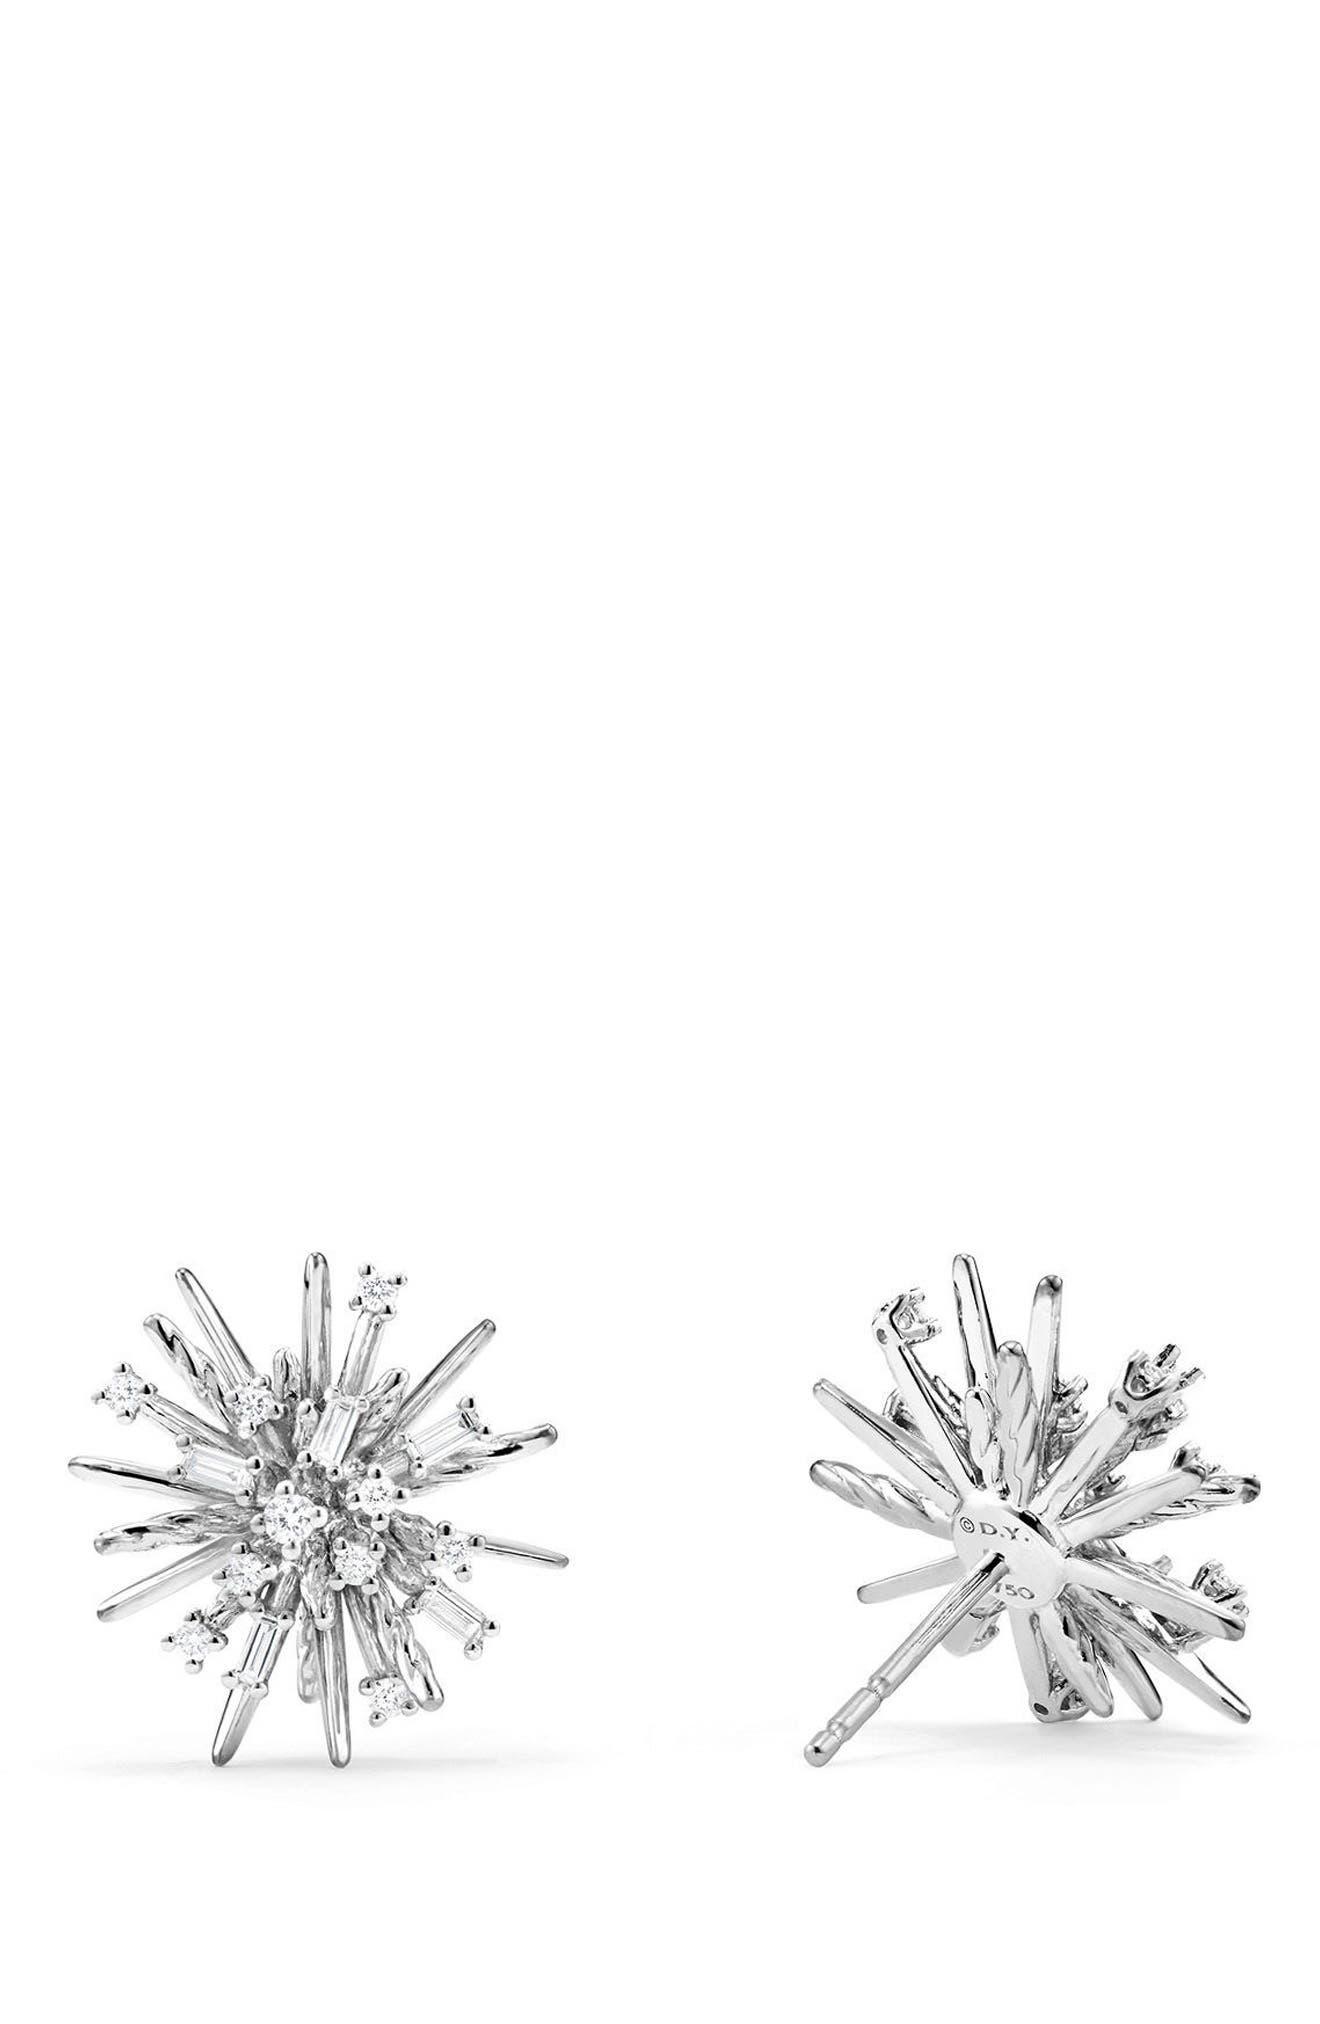 Supernova Stud Earrings with Diamonds in 18K White Gold,                             Alternate thumbnail 2, color,                             White Gold/ Diamond